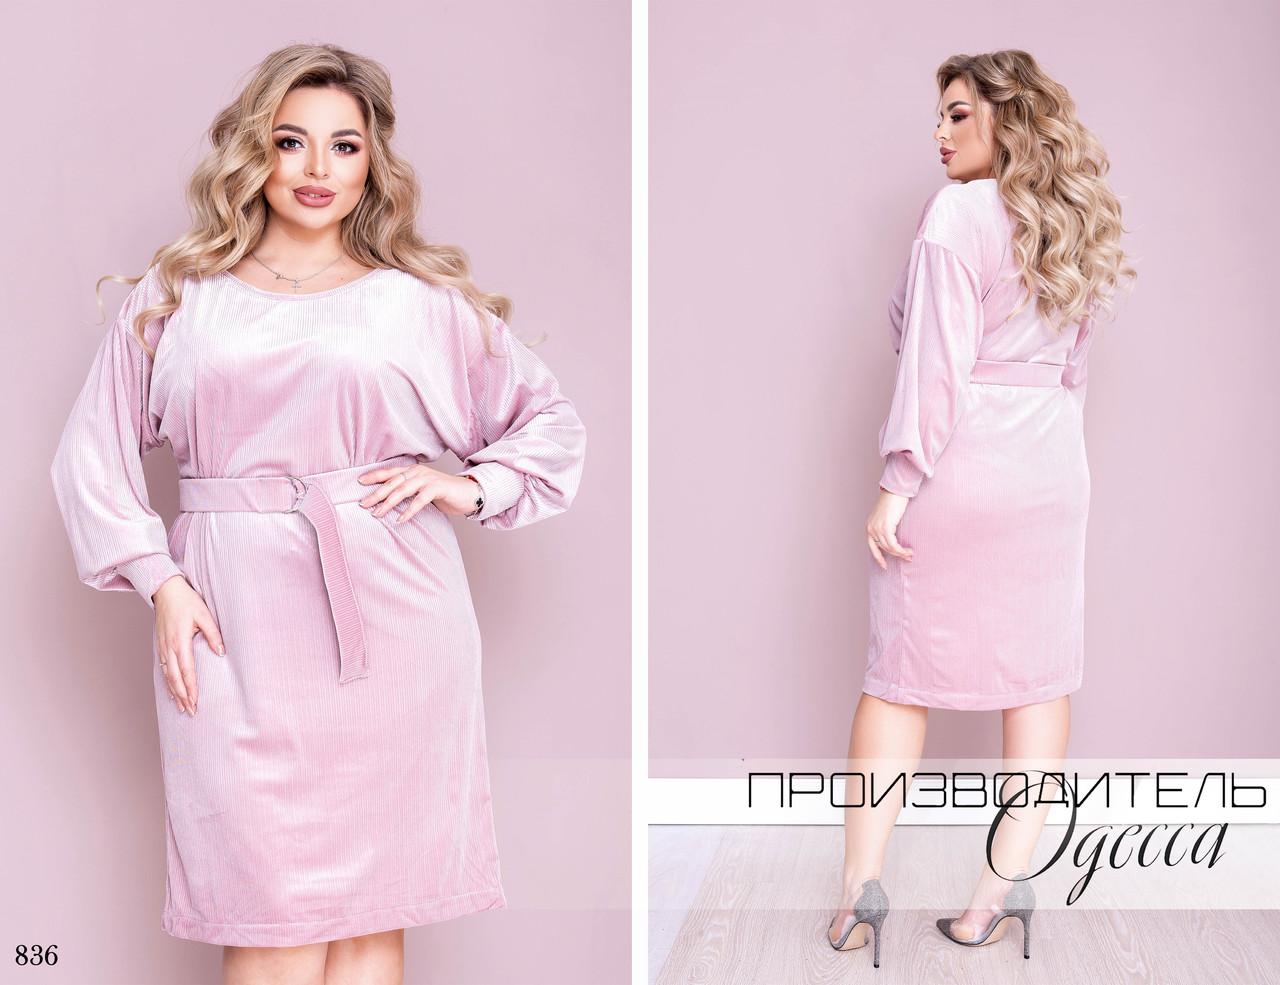 Платье повсердневное стильное вельвет велюр 50-52,54-56